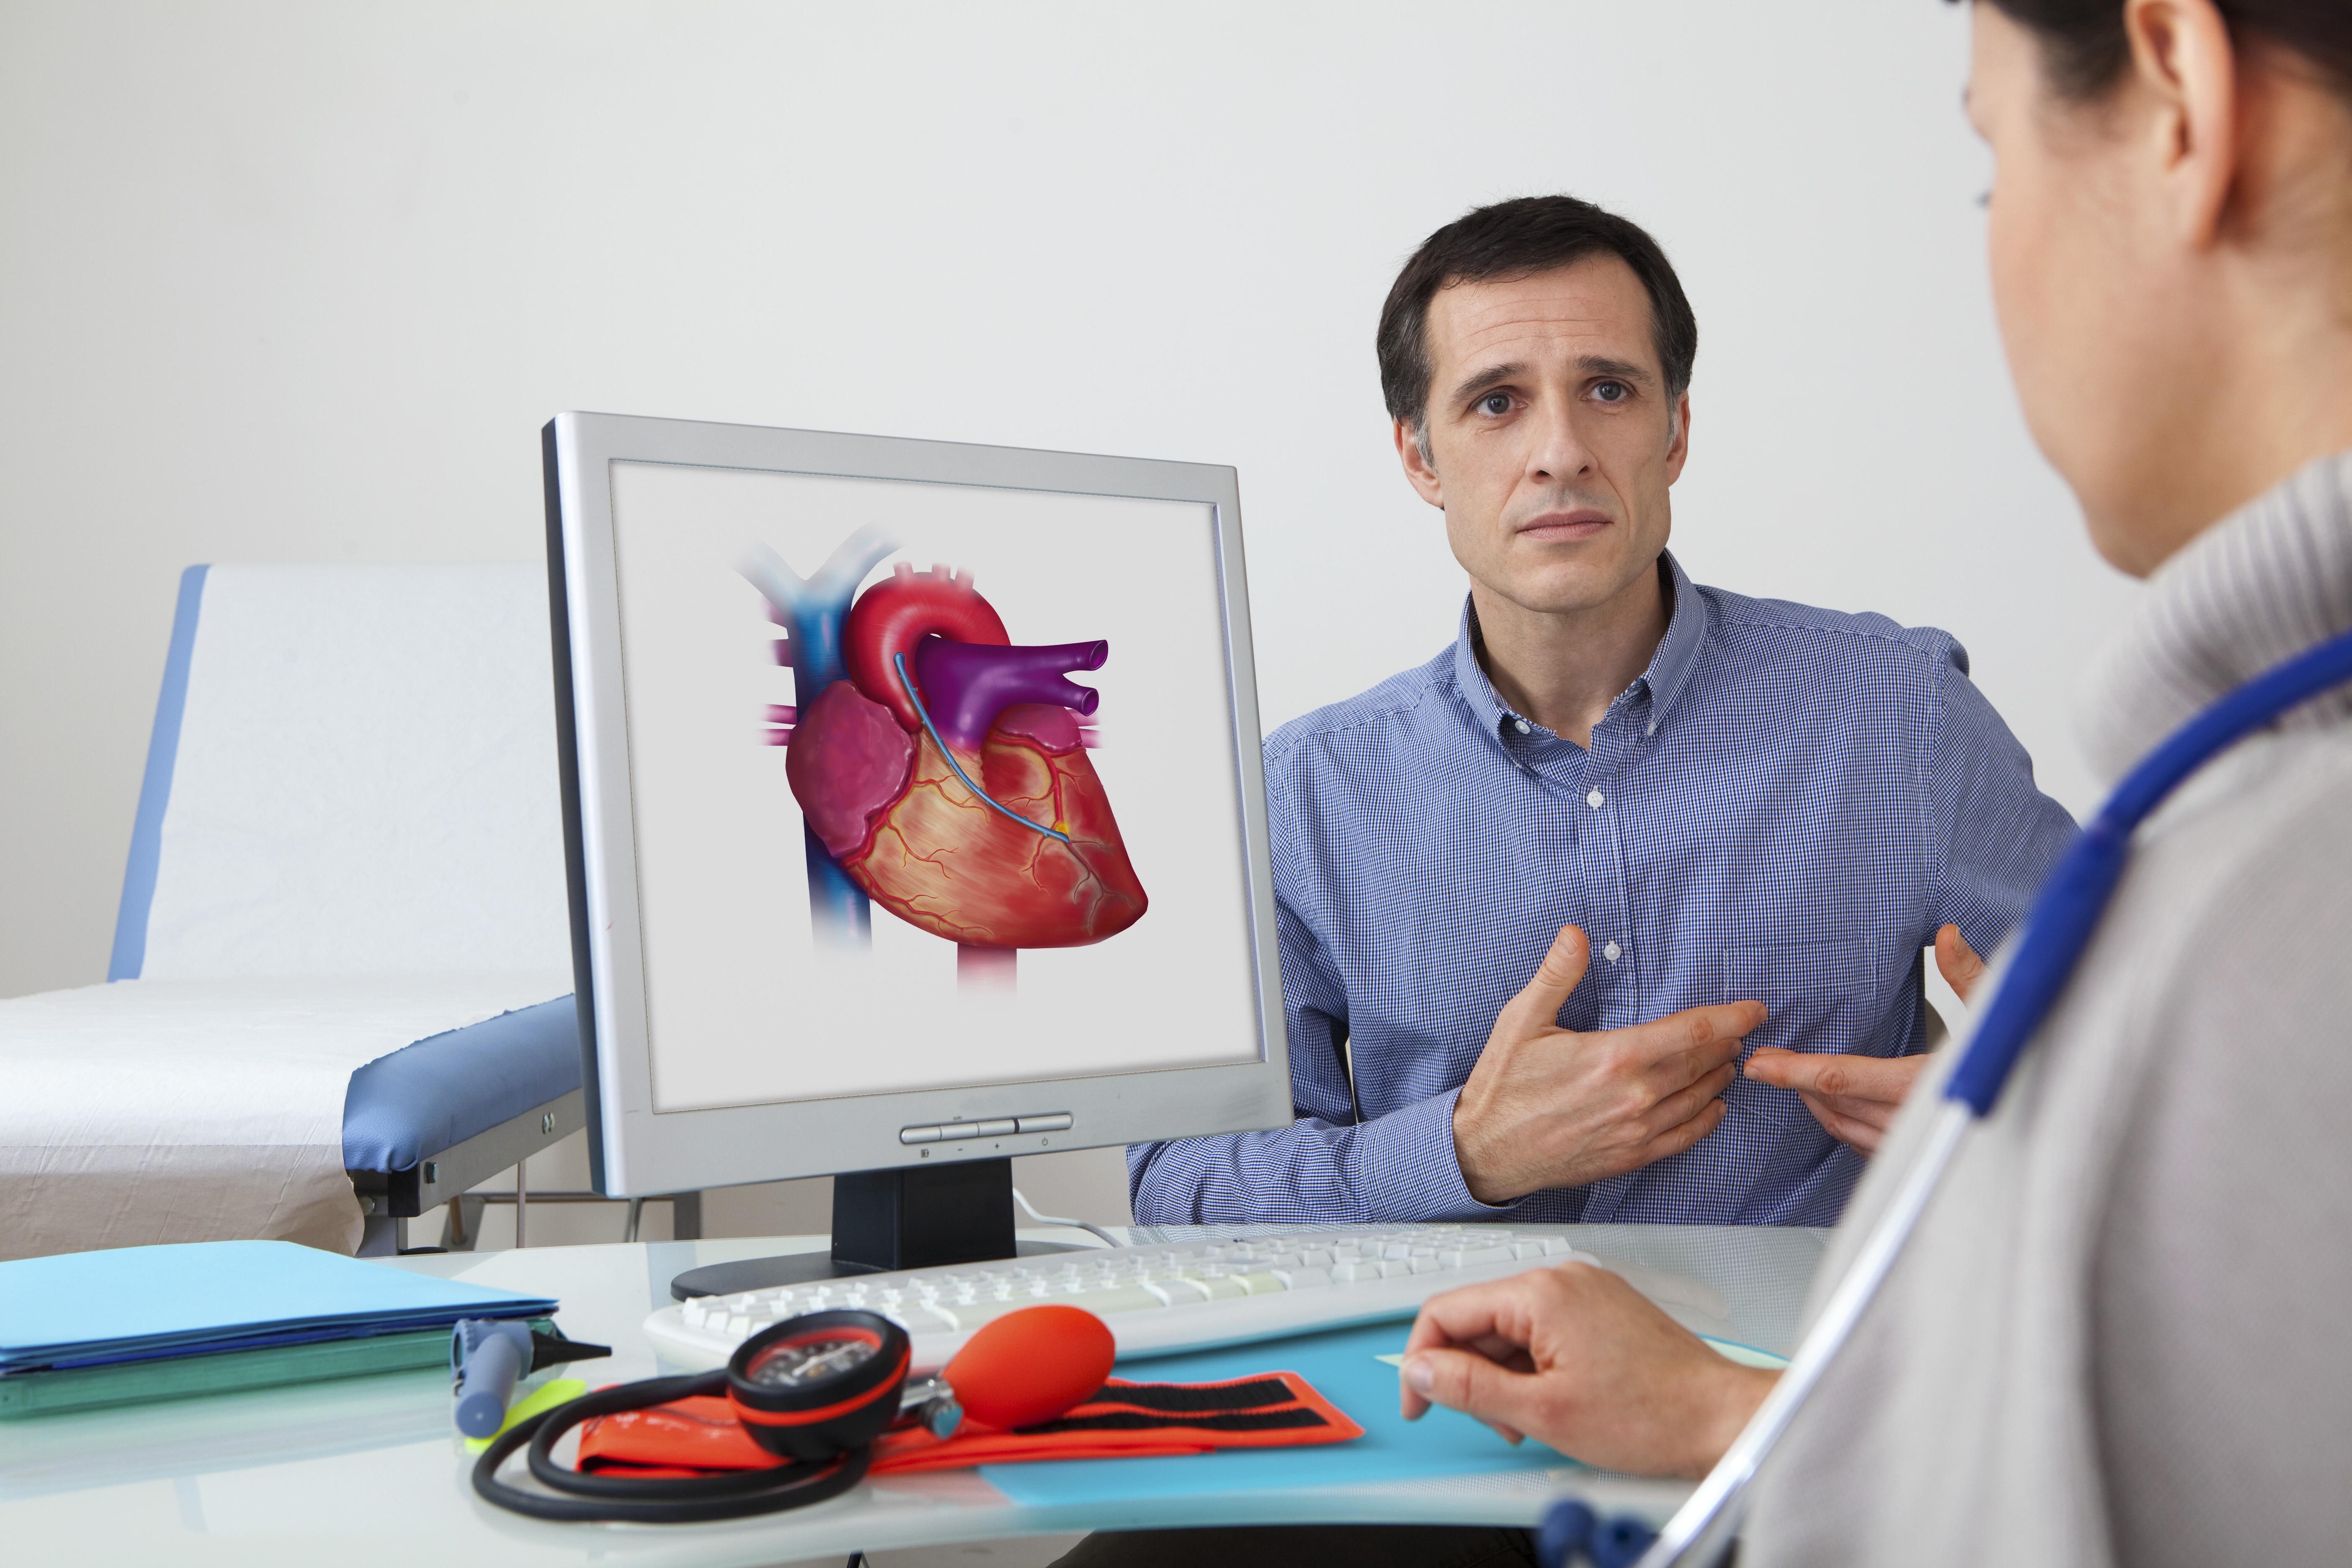 Nedsatt hjärtfunktion leder till ohälsa och hjärt- och kärlproblem, vilket är ett av de allra vanligaste hälsoproblemen.